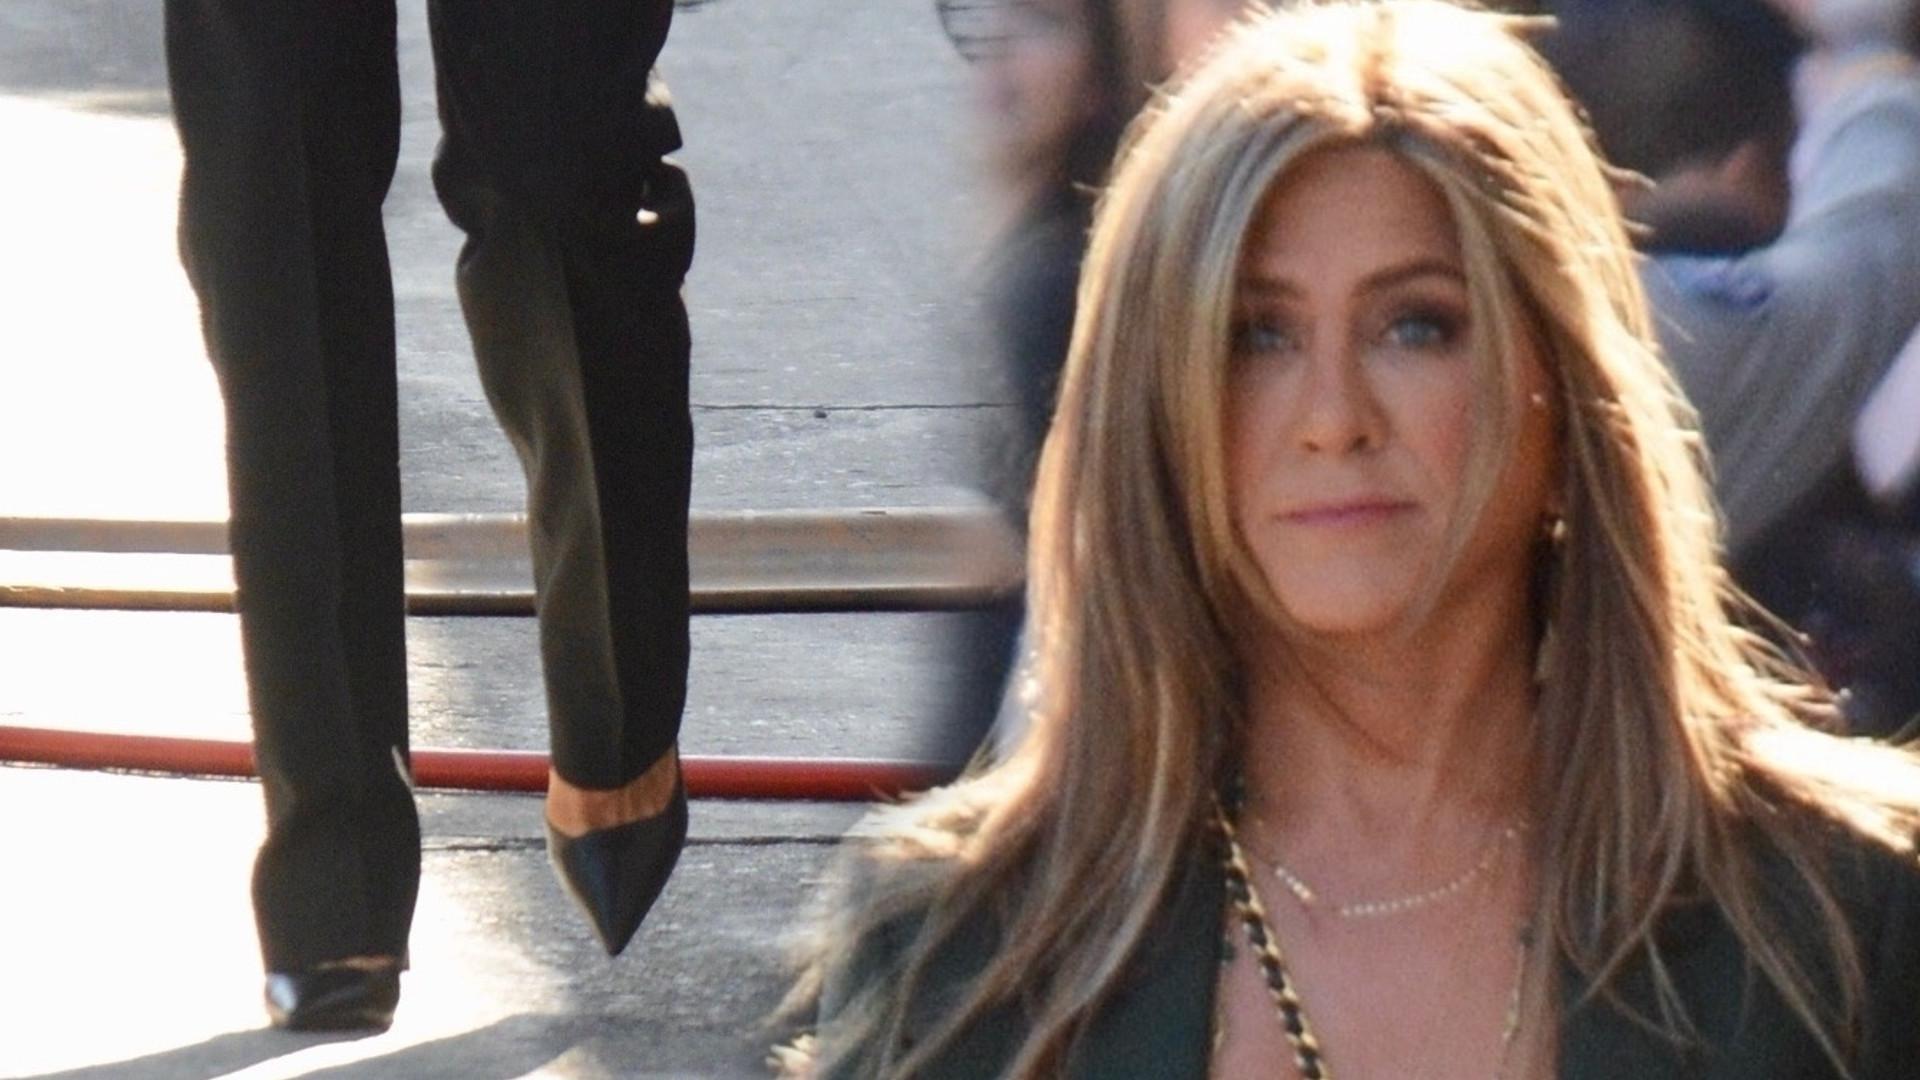 Jennifer Aniston w seksownej stylizacji. Dawno nie miała TAKIEGO dekoltu (ZDJĘCIA)